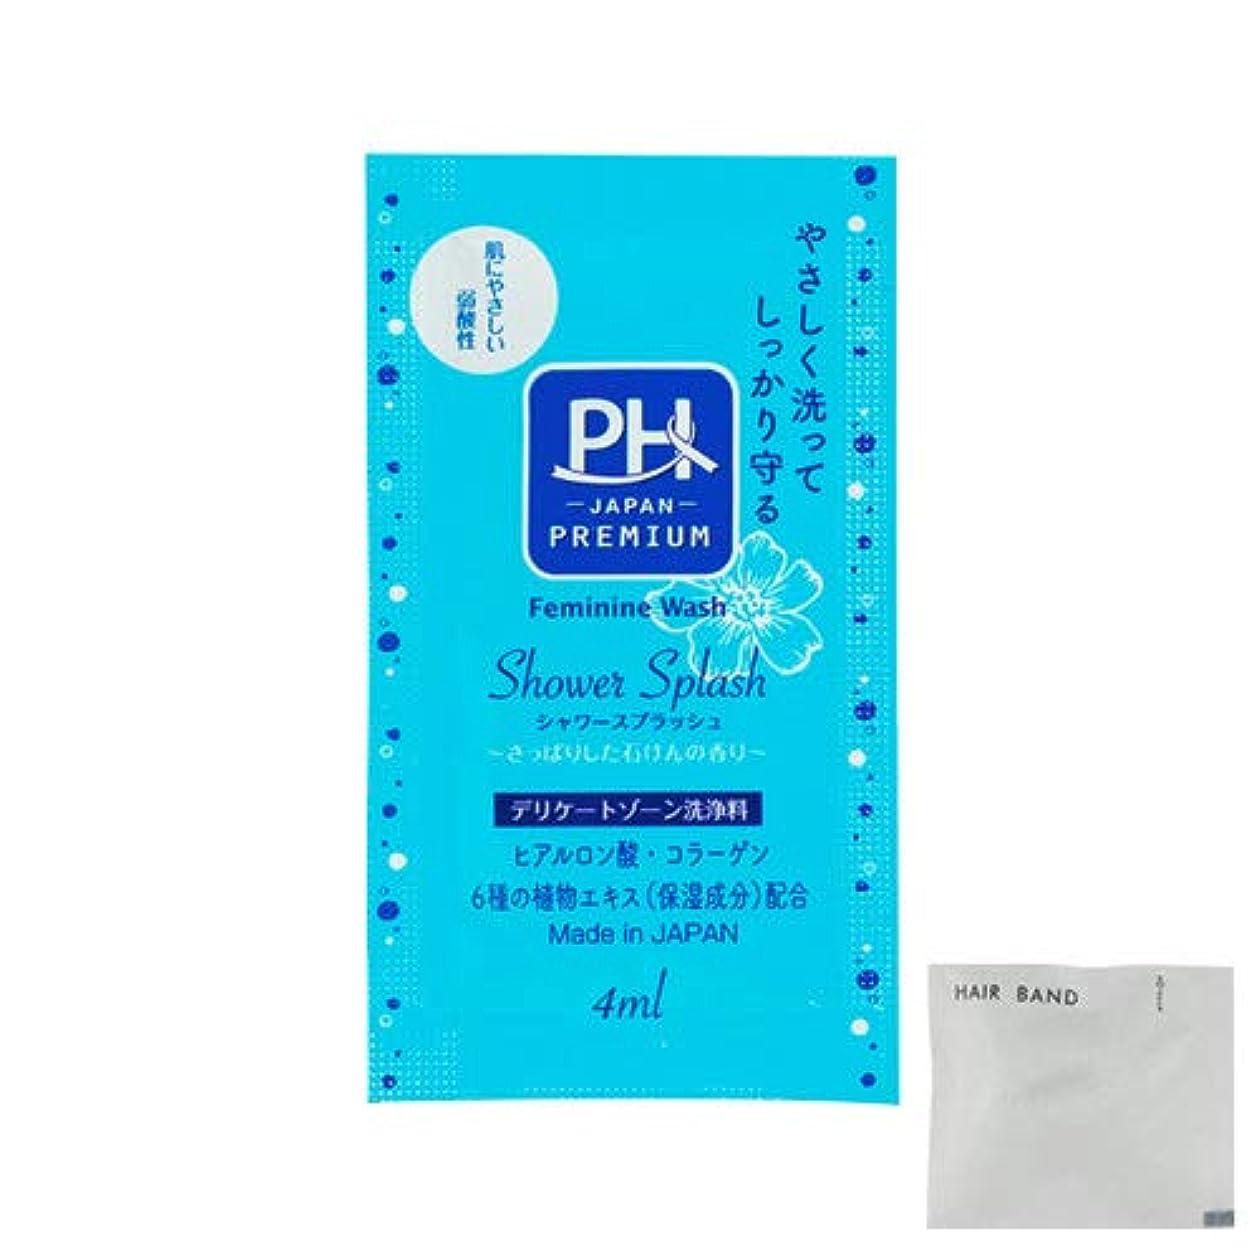 パーク儀式不忠PH JAPAN プレミアム フェミニンウォッシュ シャワースプラッシュ 4mL(お試し用)×20個 + ヘアゴム(カラーはおまかせ)セット